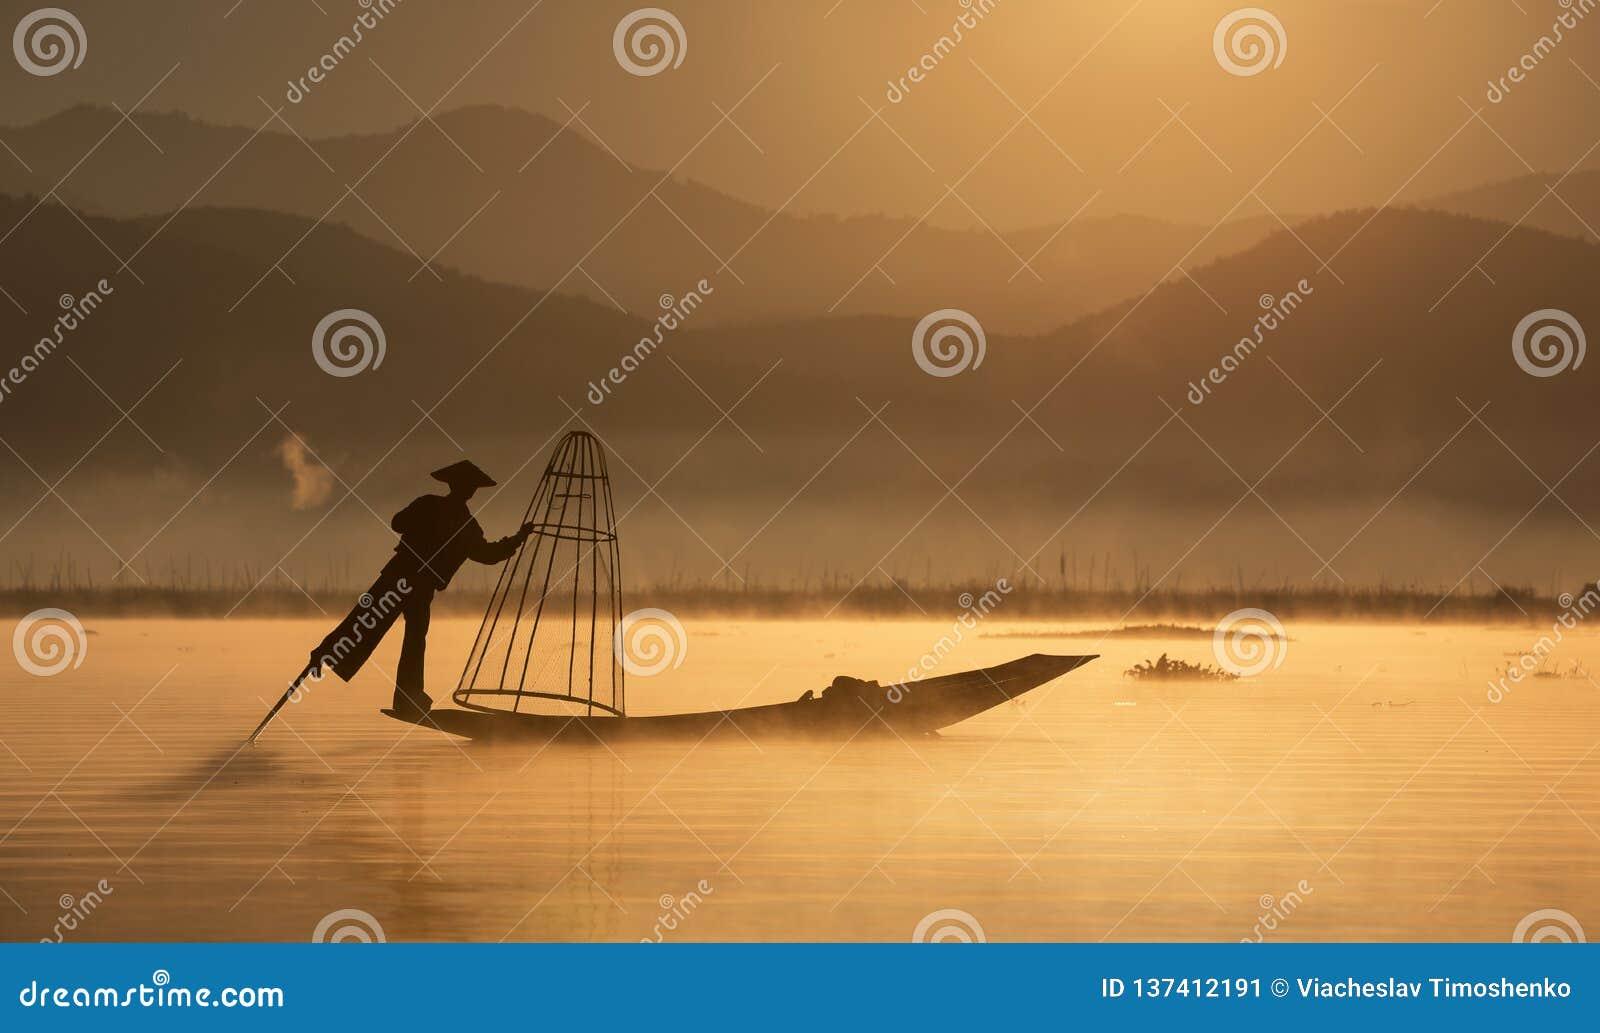 Rybak z tradycyjną siecią na starej łodzi przy świtem